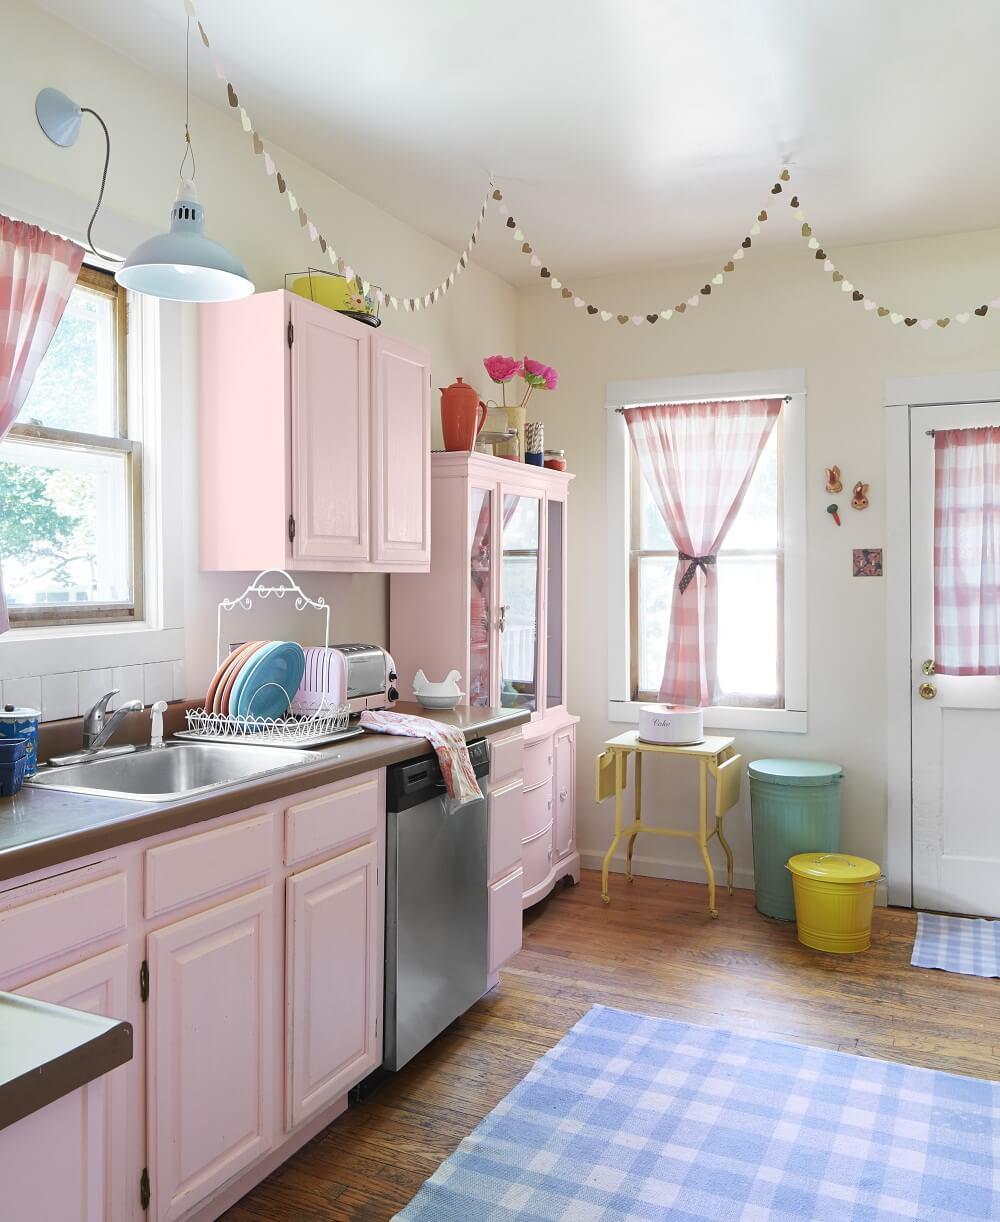 Mẫu nhà bếp đẹp khi kết hợp bộ ba hồng – đen – trắng lại với nhau thì hiệu quả lại hoàn toàn khác với vẻ đẹp hiện đại, tinh tế, đầy lôi cuốn.